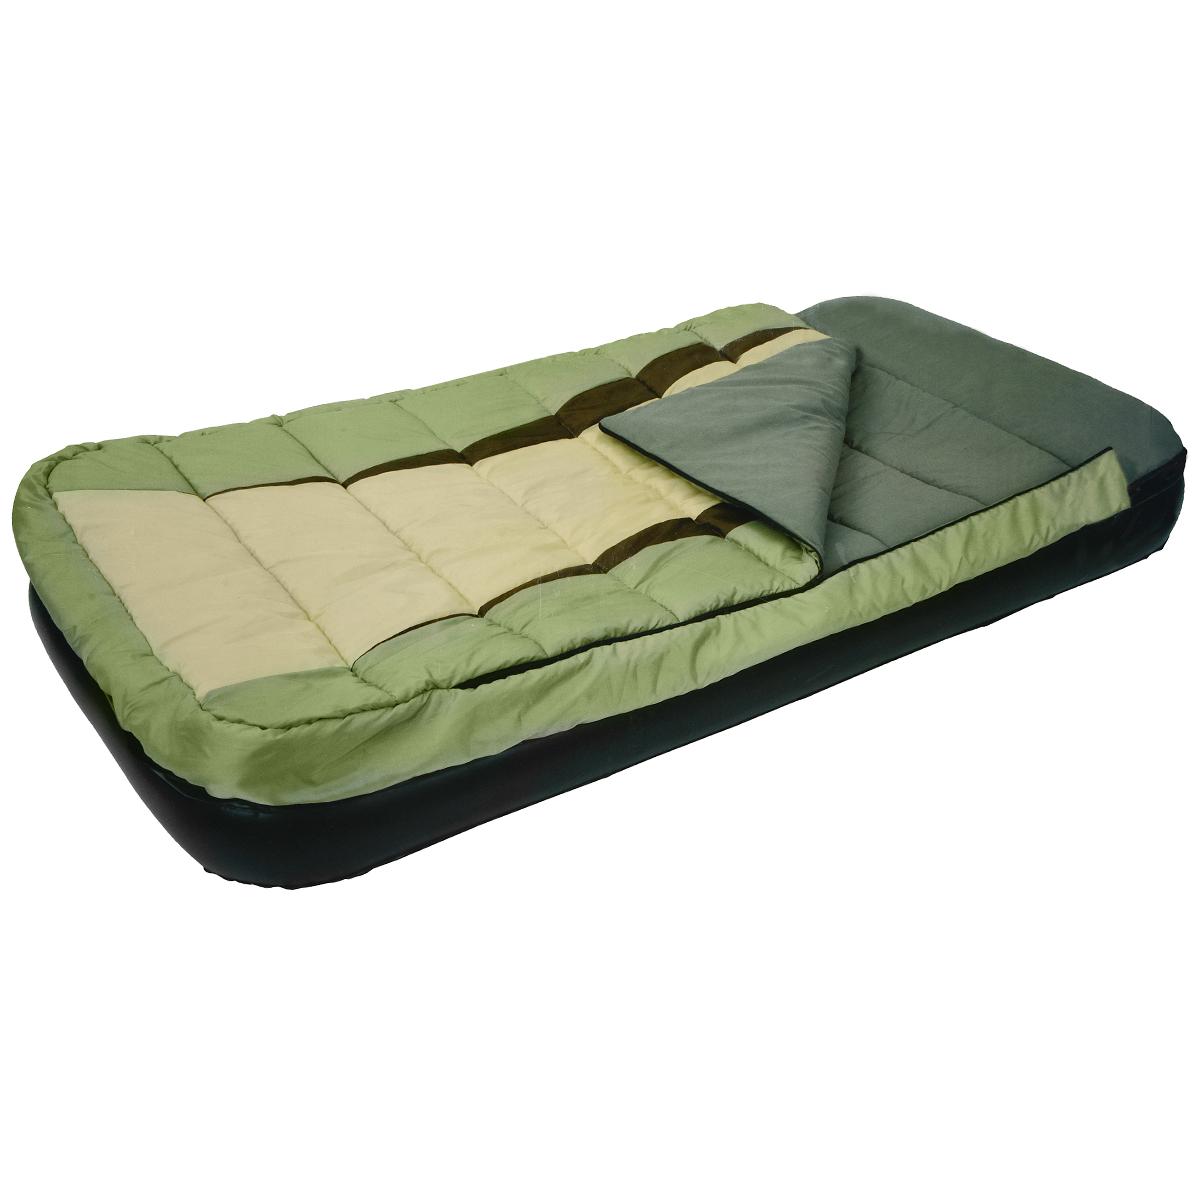 Кровать надувная Relax со спальником, 190 х 99 х 25 см kitchenaid чугунная кастрюля 5 65 л 28 см черная